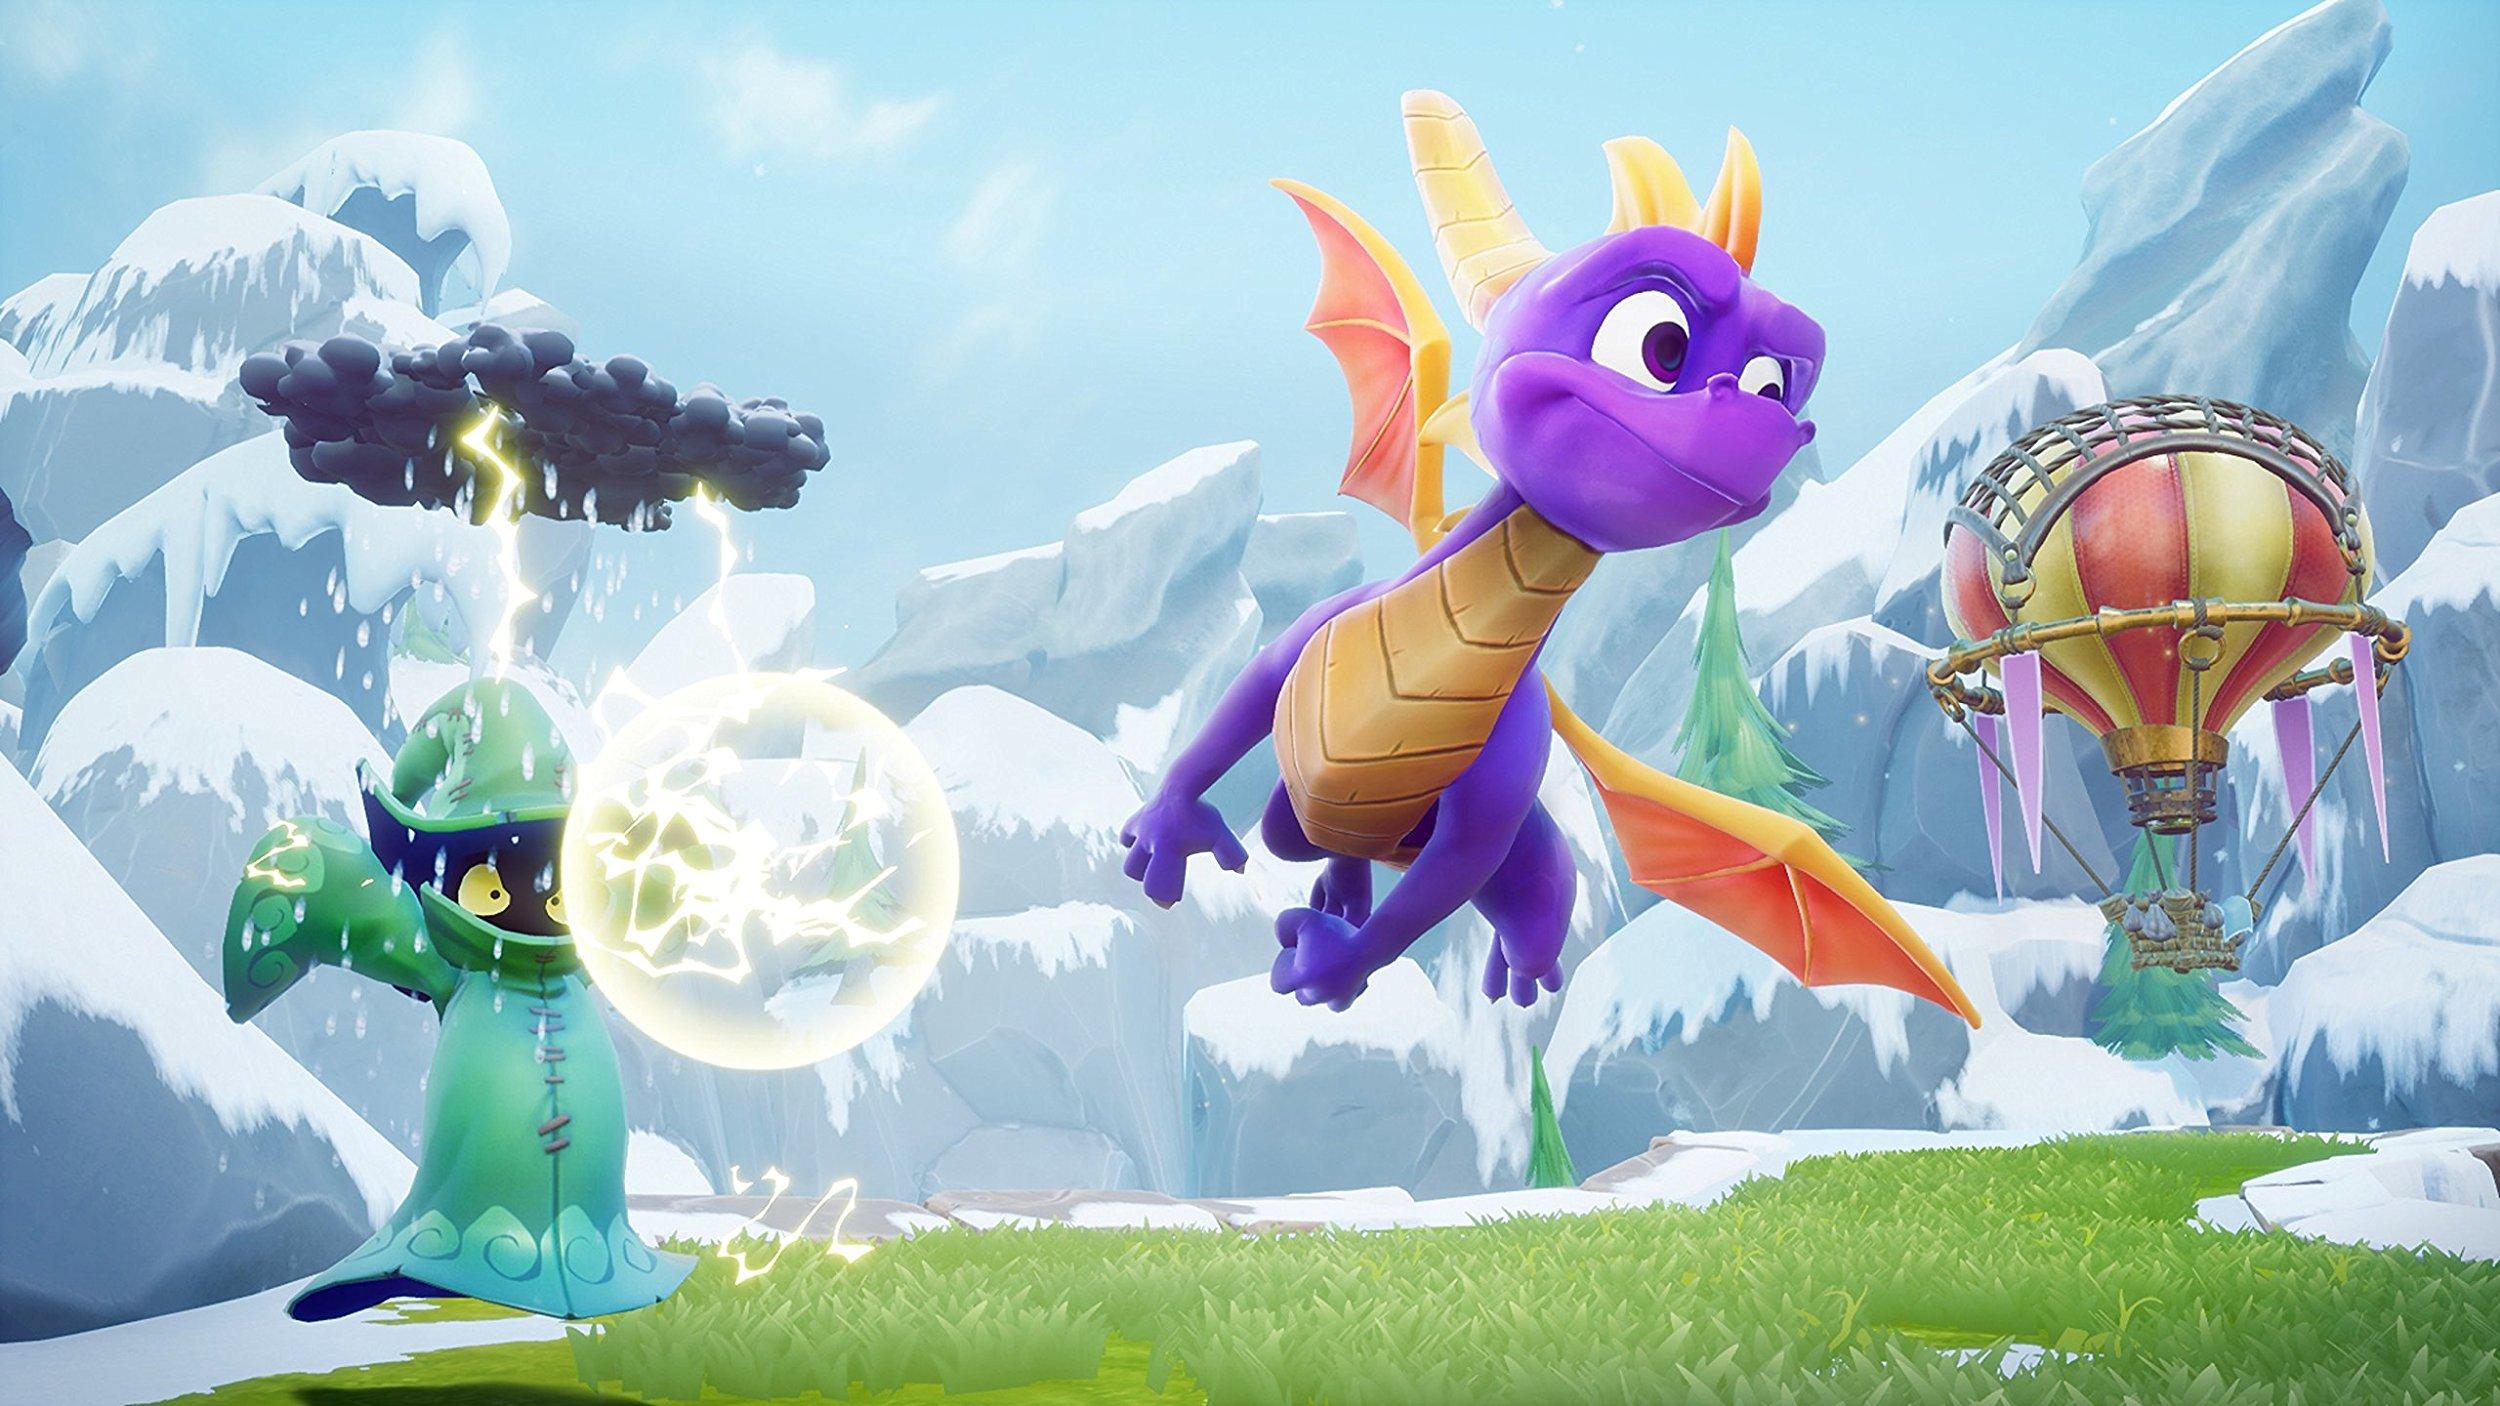 Spyro le dragon : la date de sortie du remake repoussée